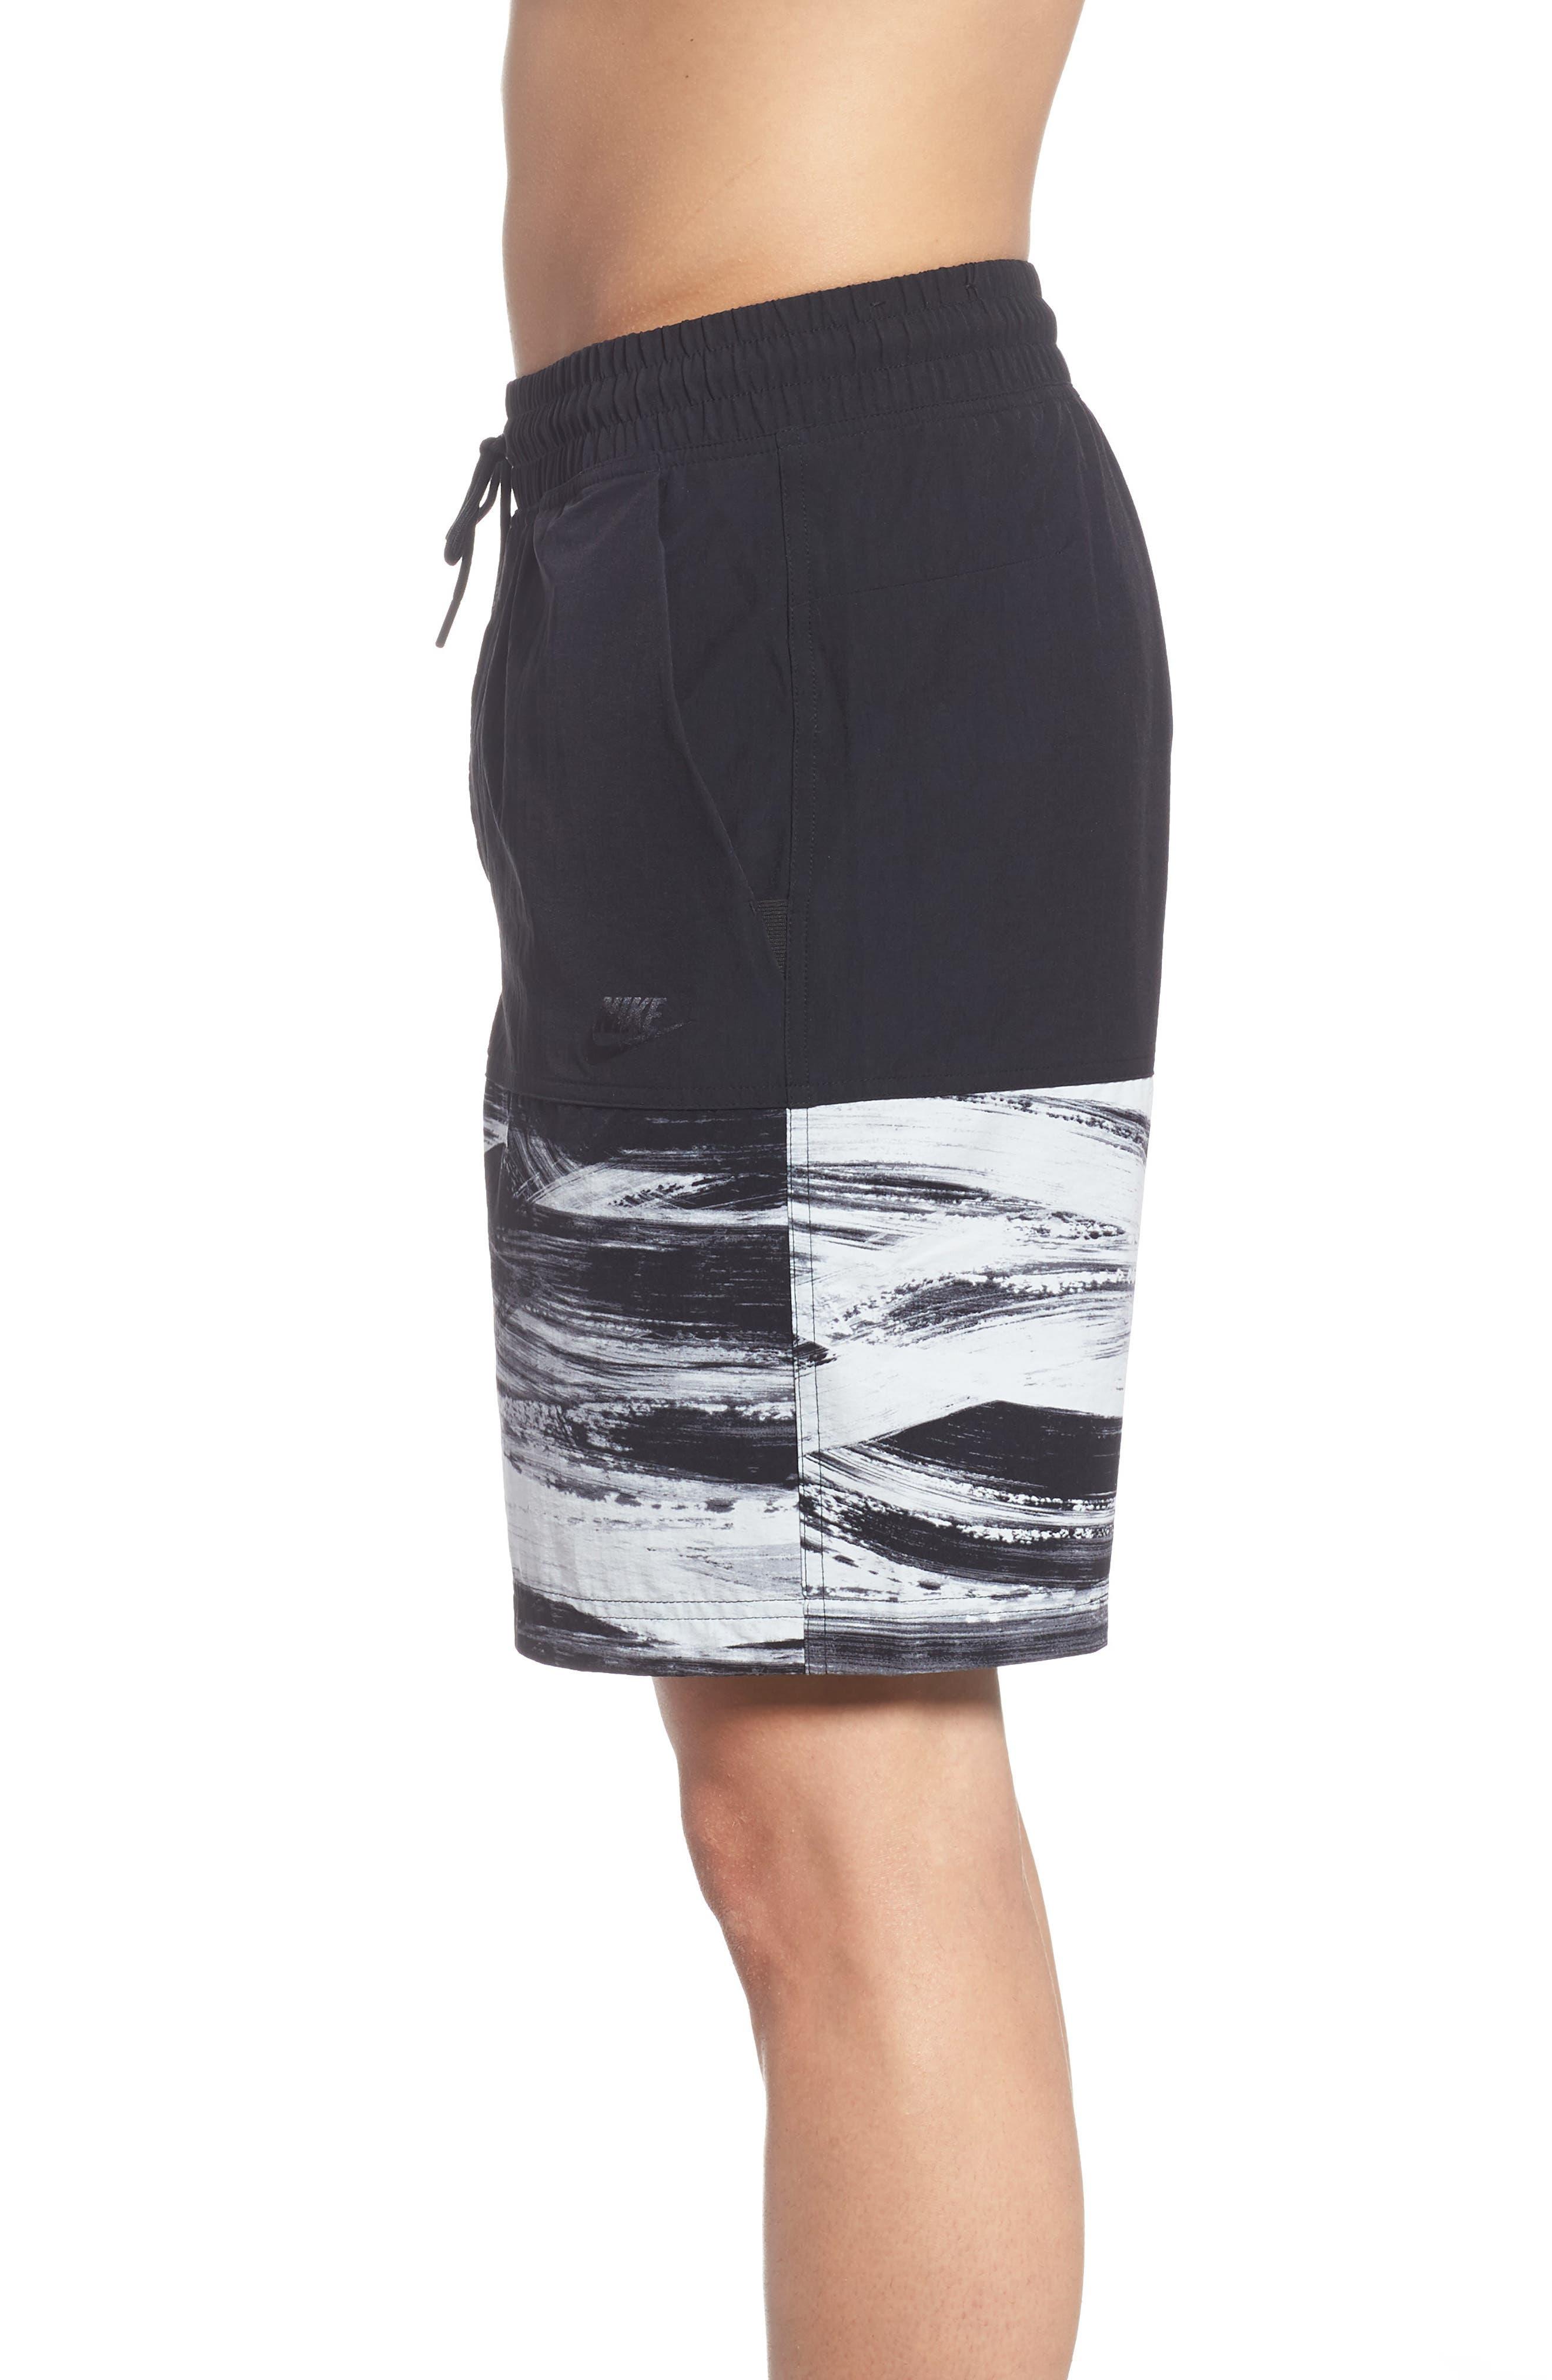 NSW Franchise GX1 Shorts,                             Alternate thumbnail 3, color,                             Black/ Black